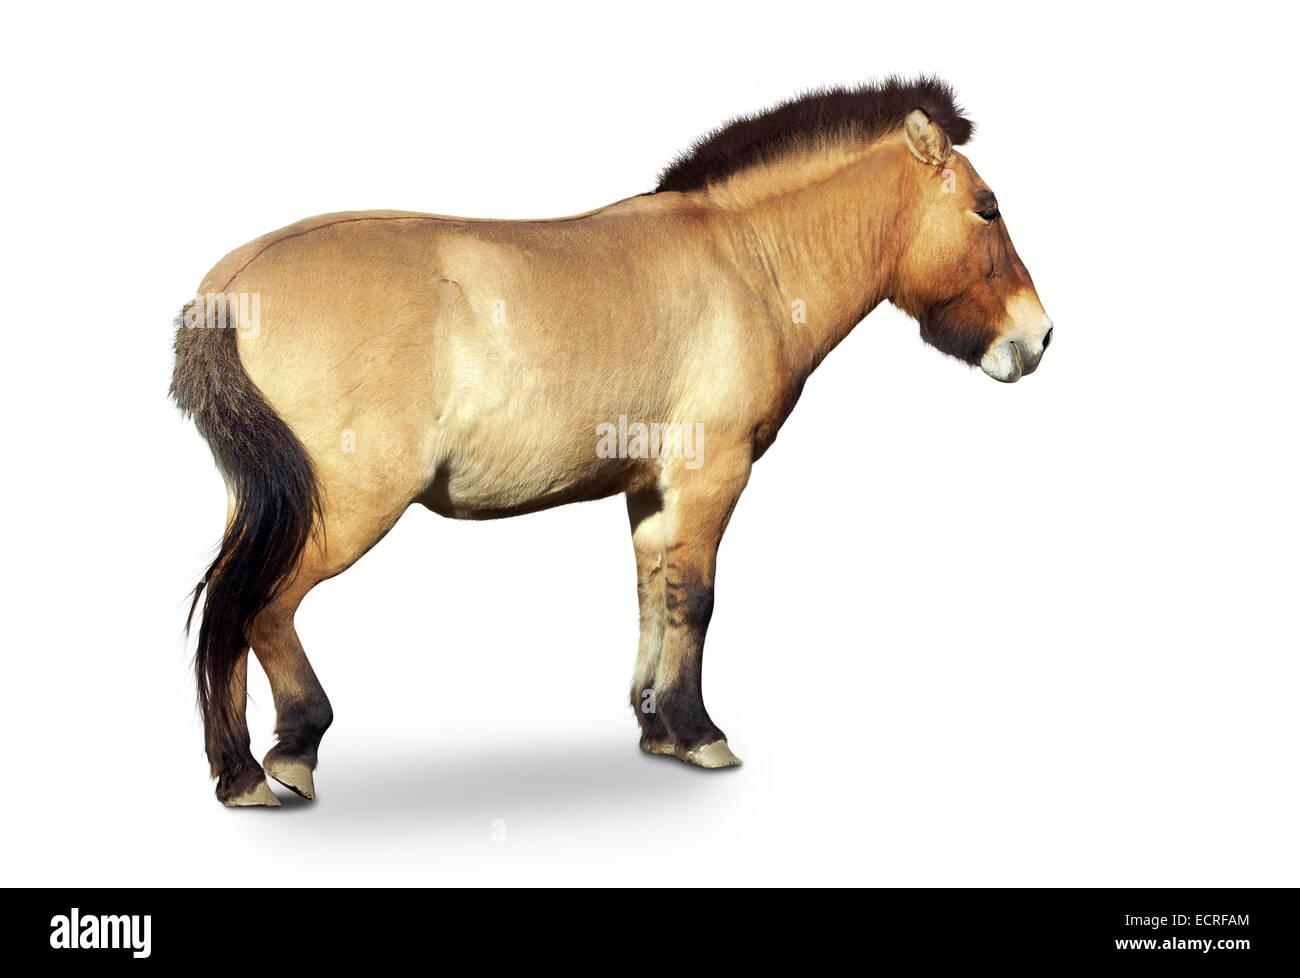 Przewalski's primitive wild horse, Equus przewalsk,full body isolated on white - Stock Image